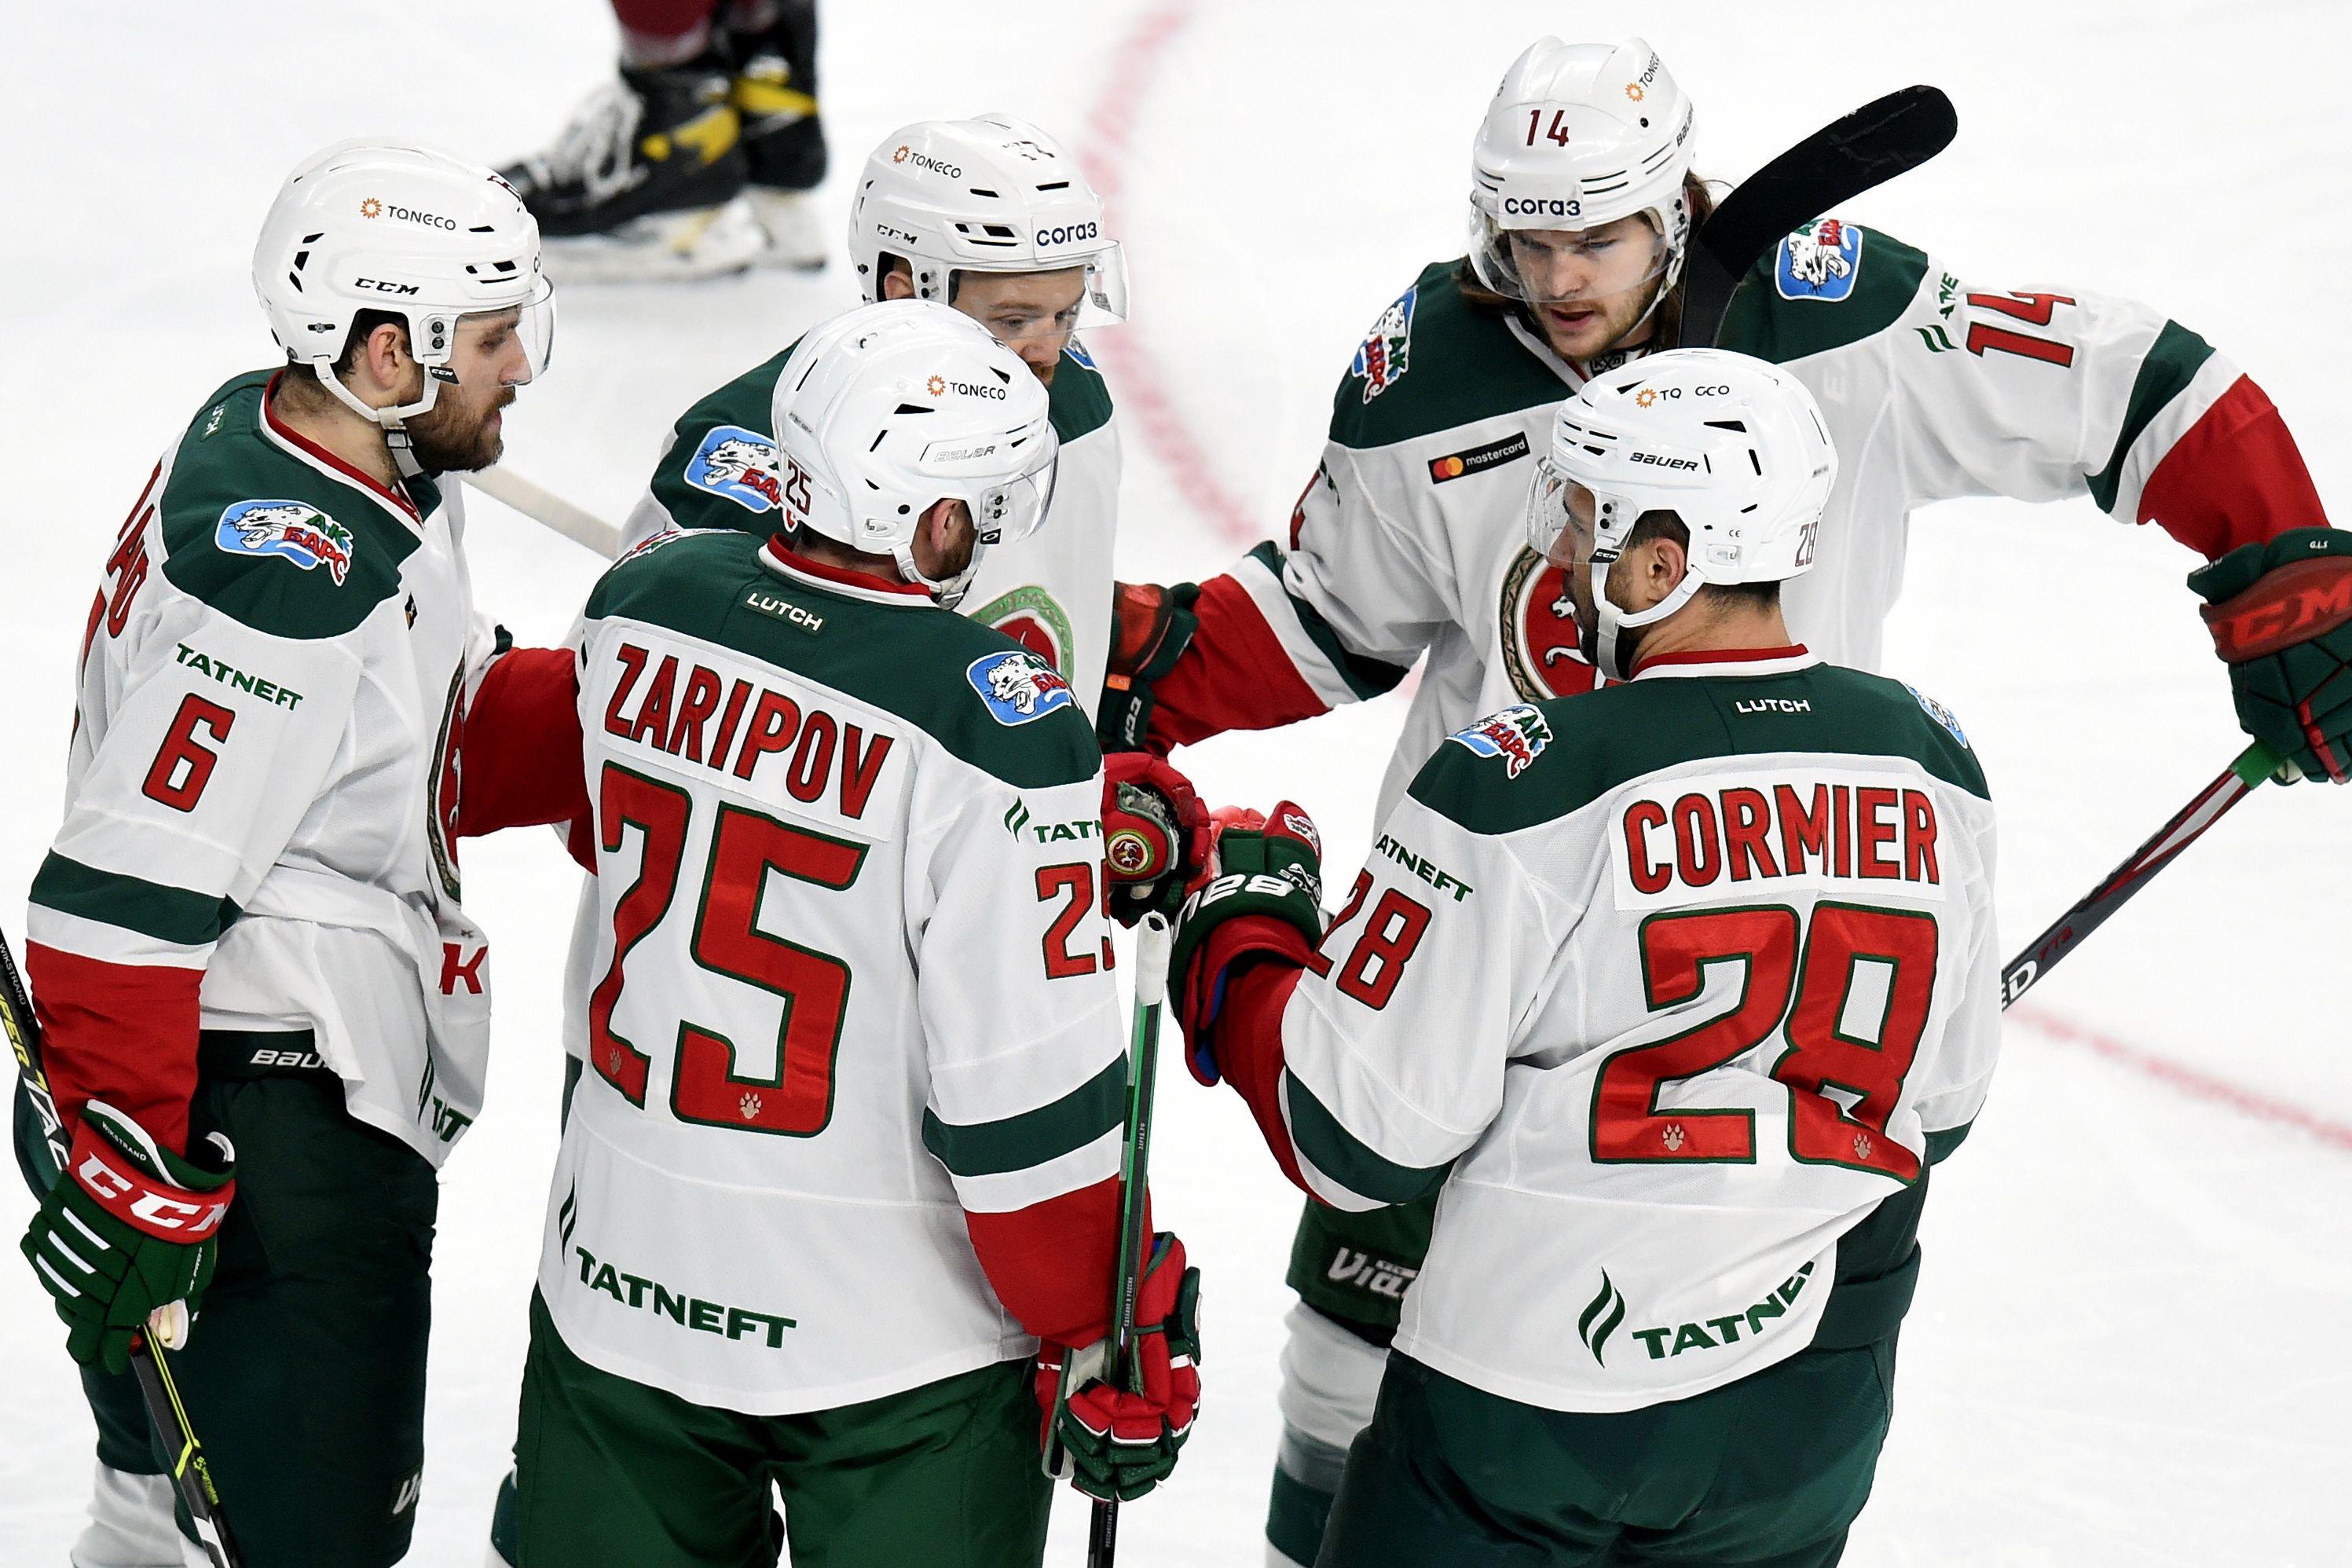 Хоккей, КХЛ, восточная конференция, финал, третий матч, 'Авангард' - 'Ак Барс', прямая текстовая онлайн трансляция